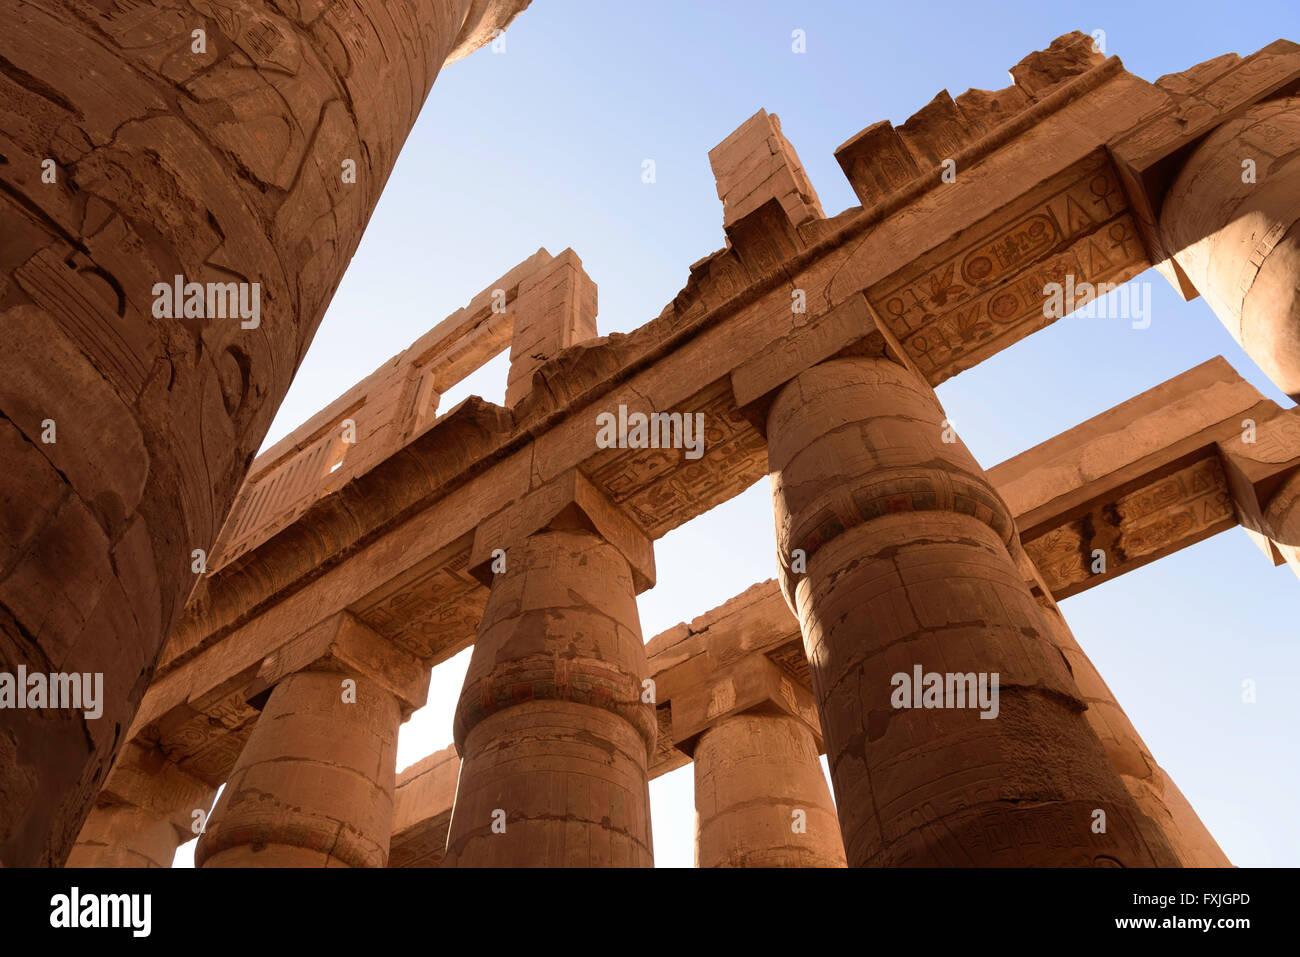 Karnak Temple Luxor Egypt - Stock Image